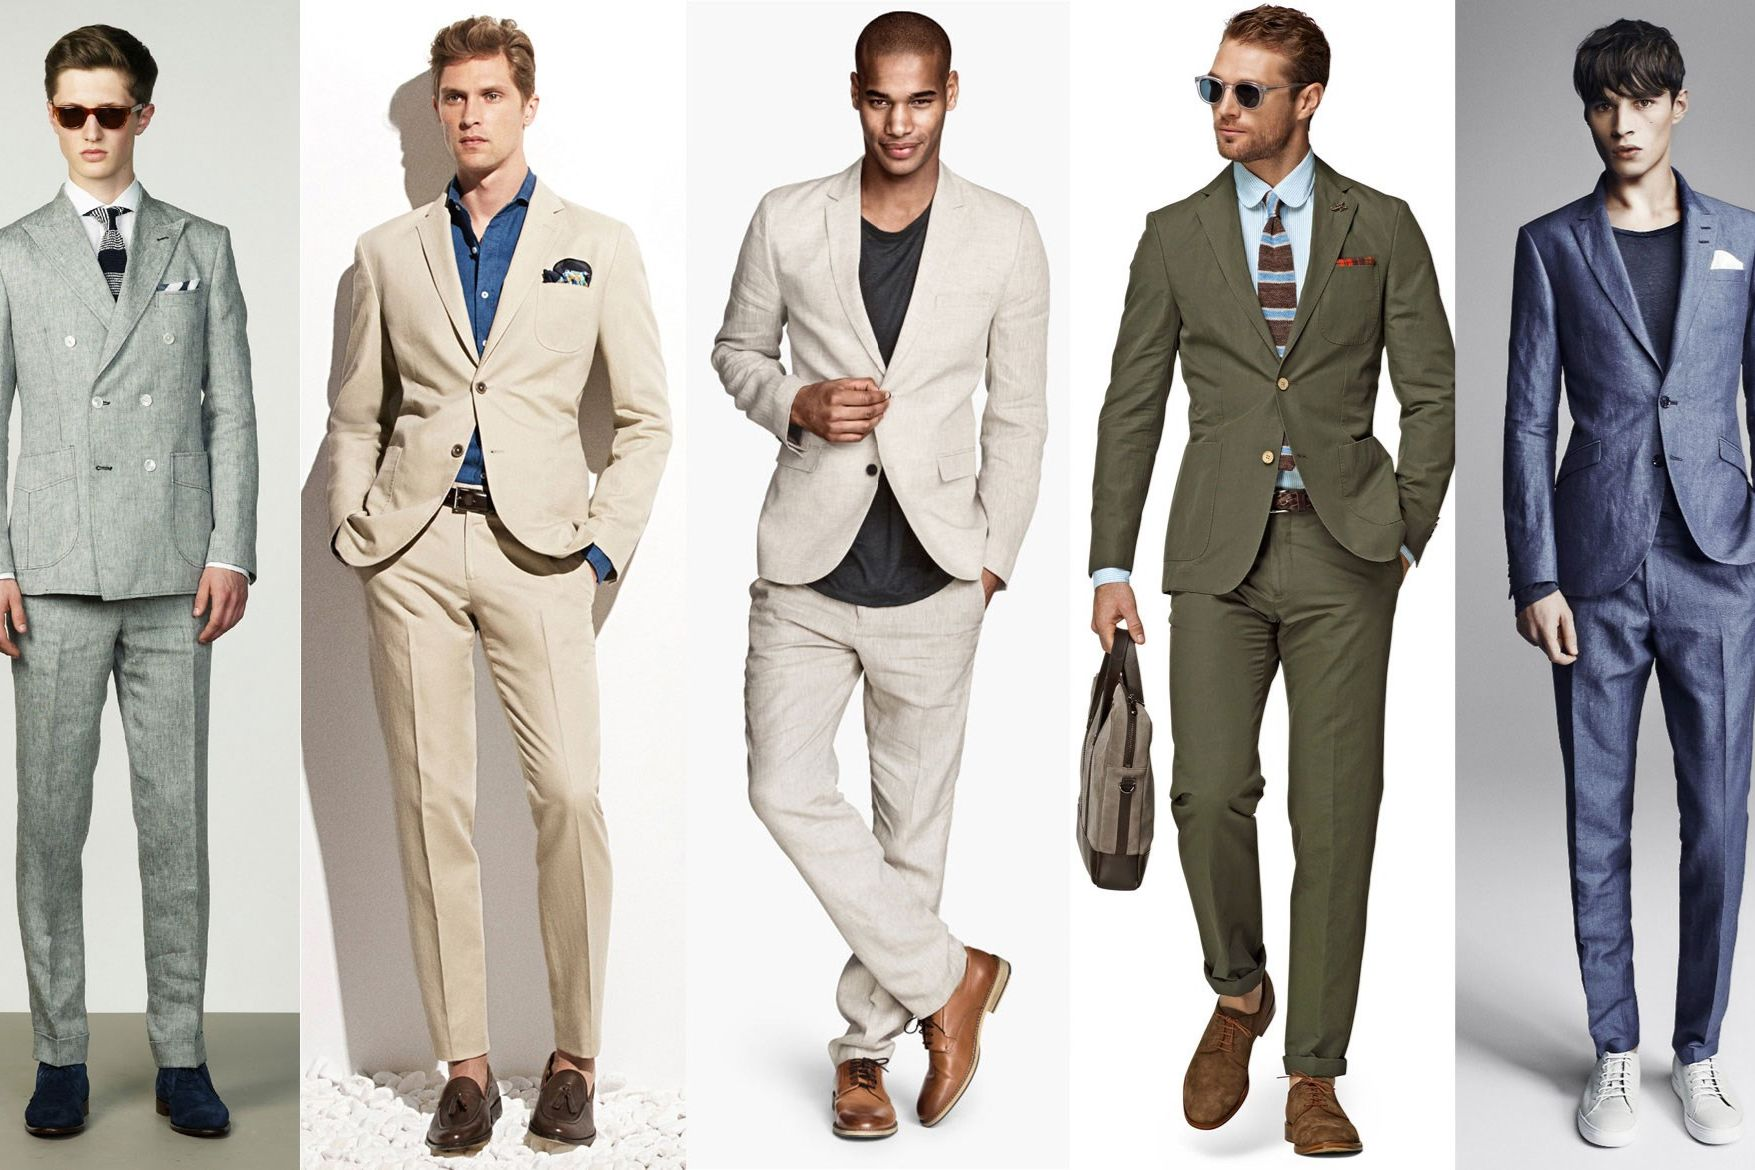 Gq Mens Fashion On A Budget